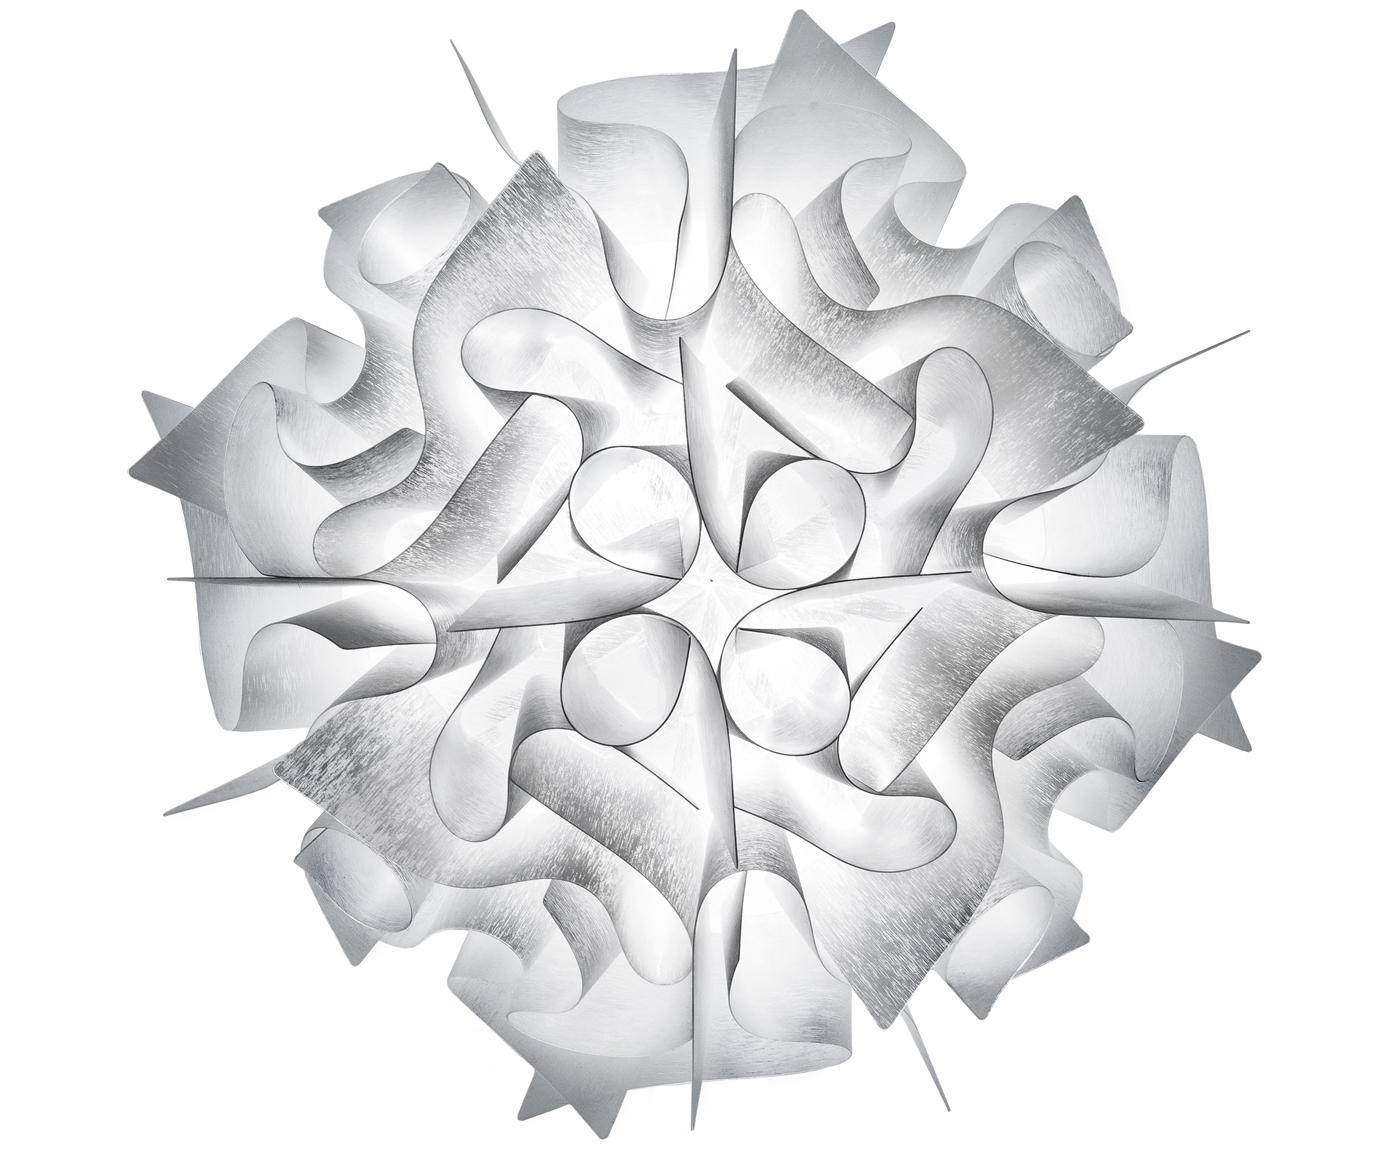 Handgemaakte wand- en plafondlamp Veli, Technopolymeer Opalflex®, recyclebaar, onbreekbaar, flexibel, anti-statisch gecoat, UV- en hittebestendig, Wit, Ø 53 x D 20 cm